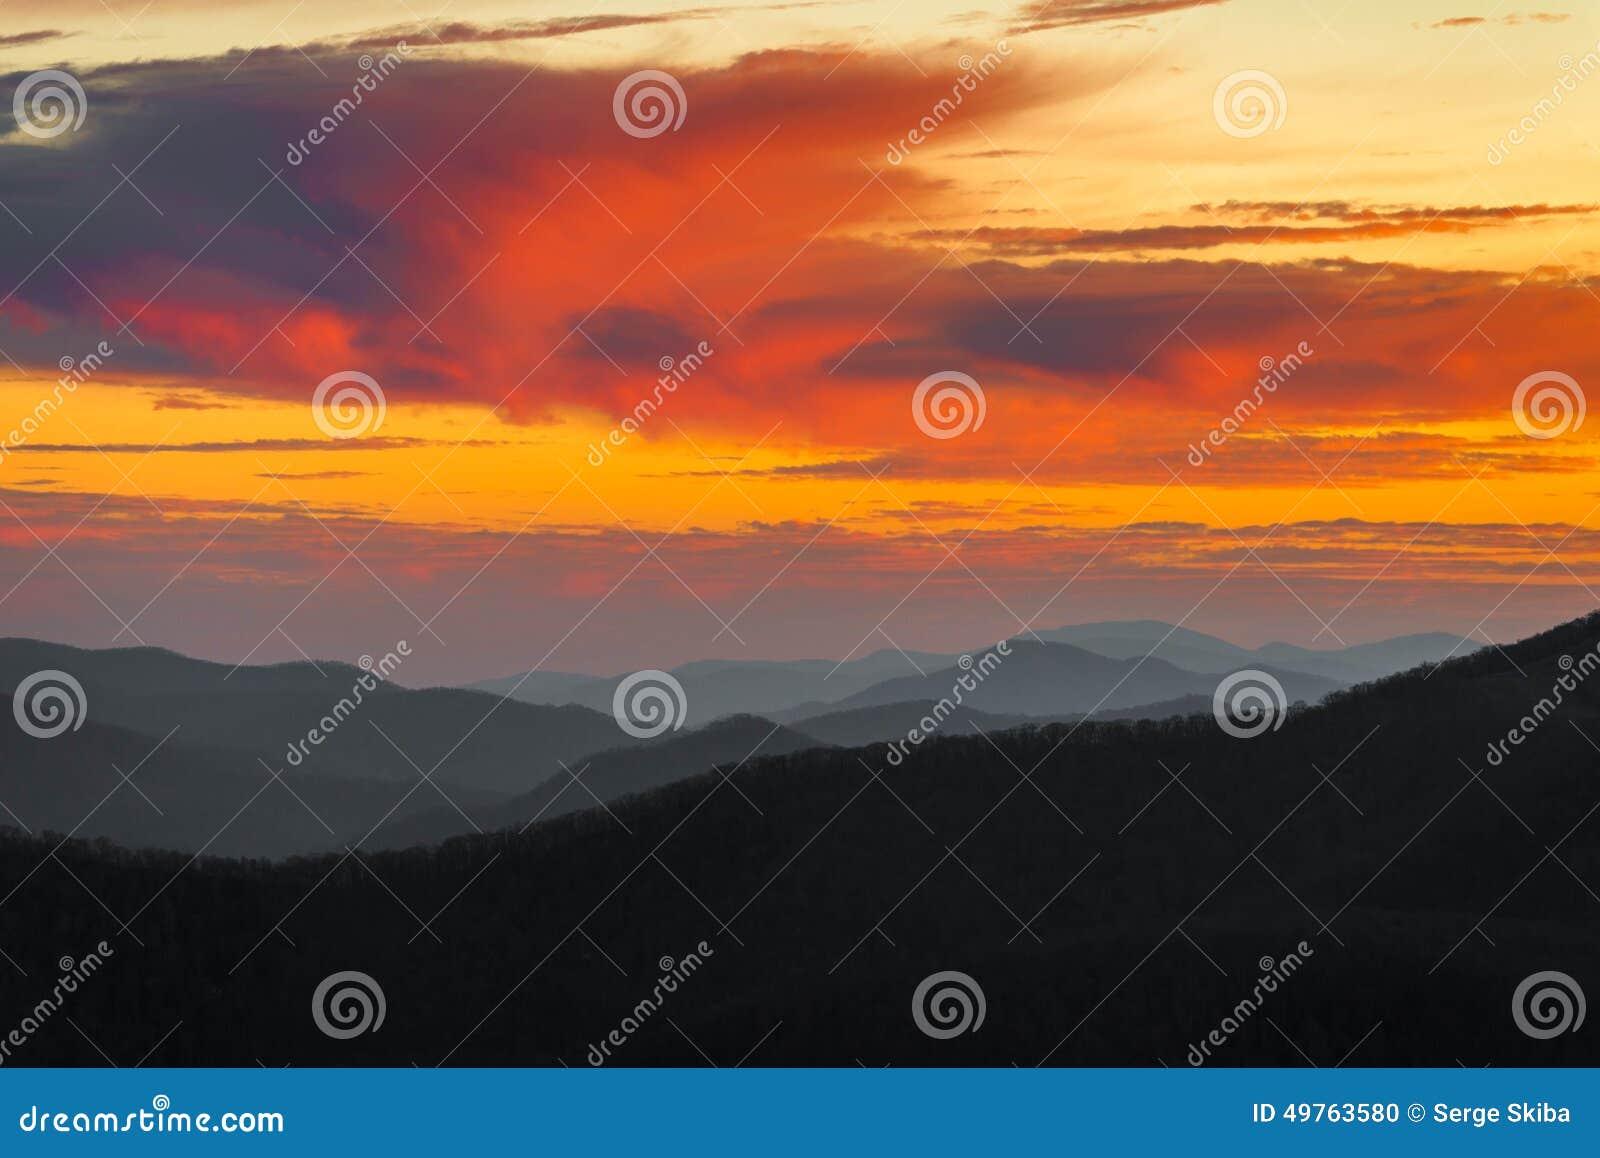 Ridge Sunset azul excitante